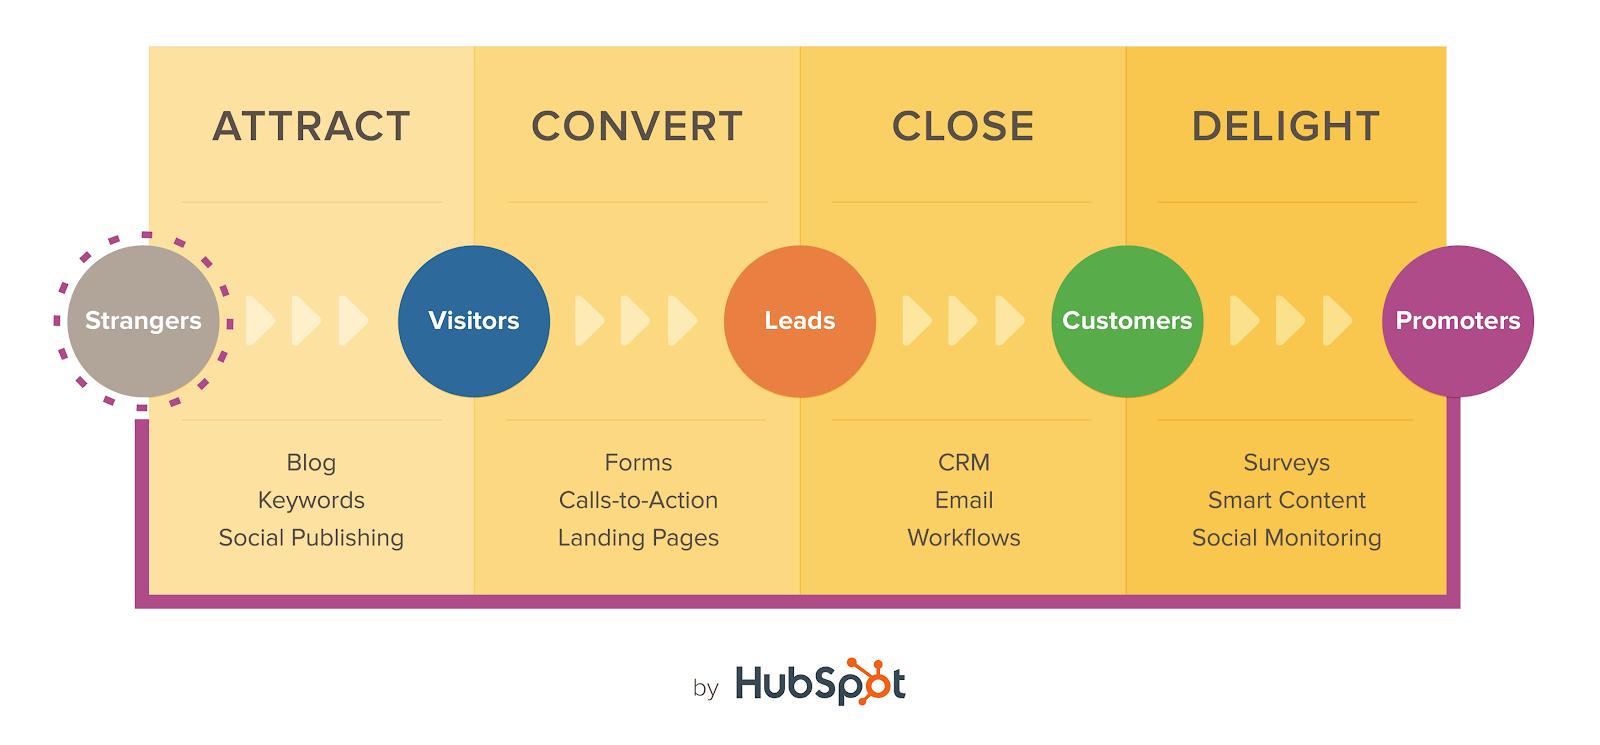 인바운드 마케팅의 4가지 단계 - 허브스팟